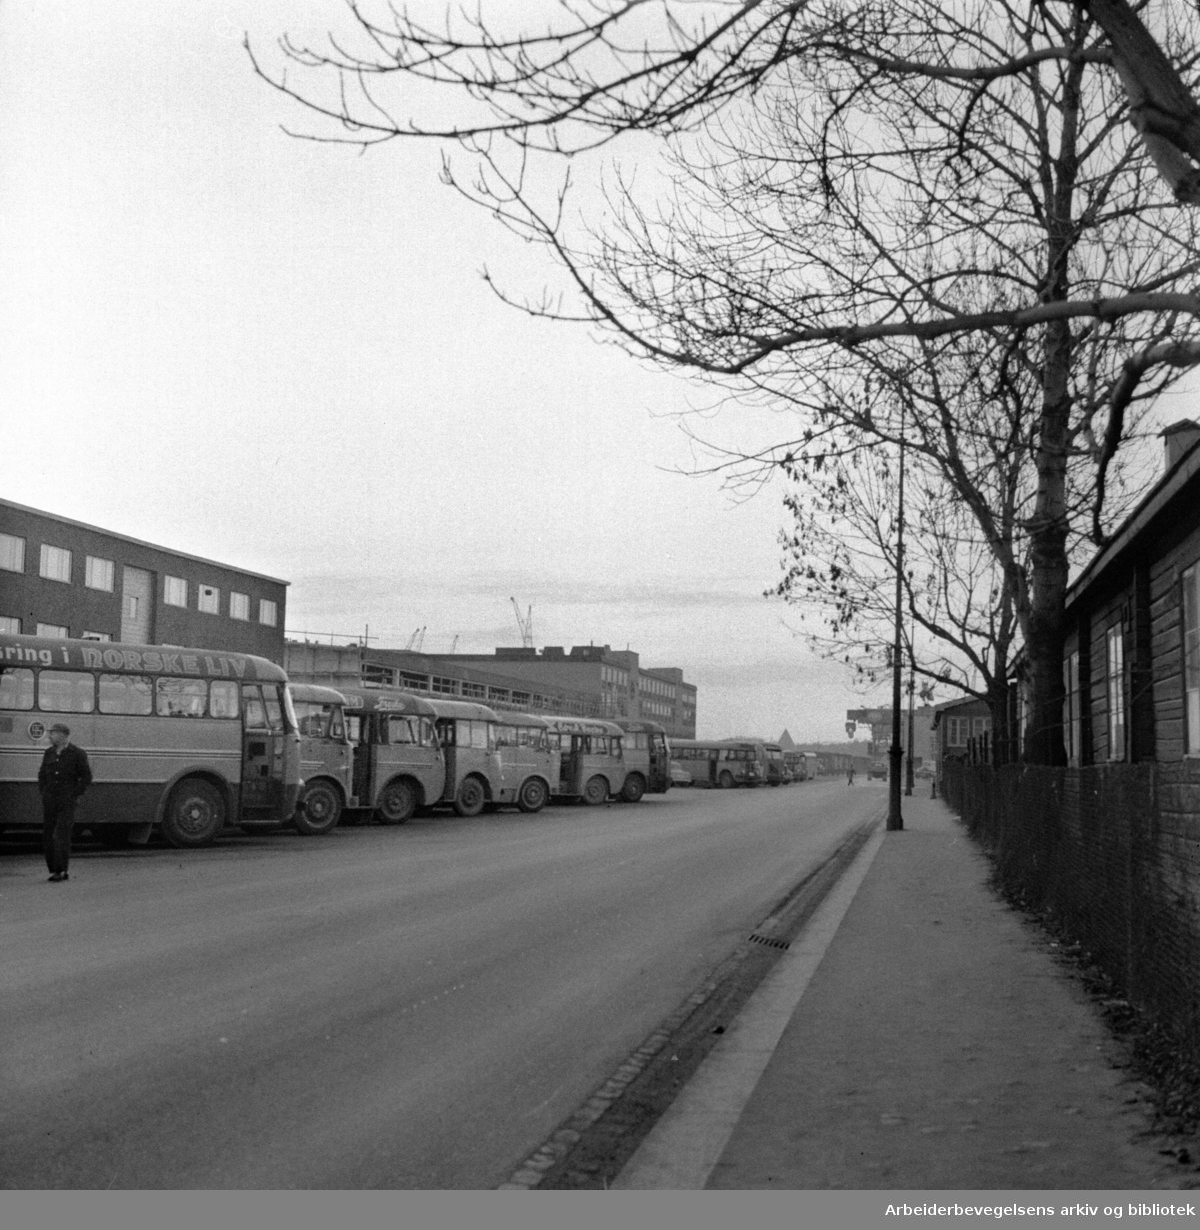 Filipstad. Desember 1957